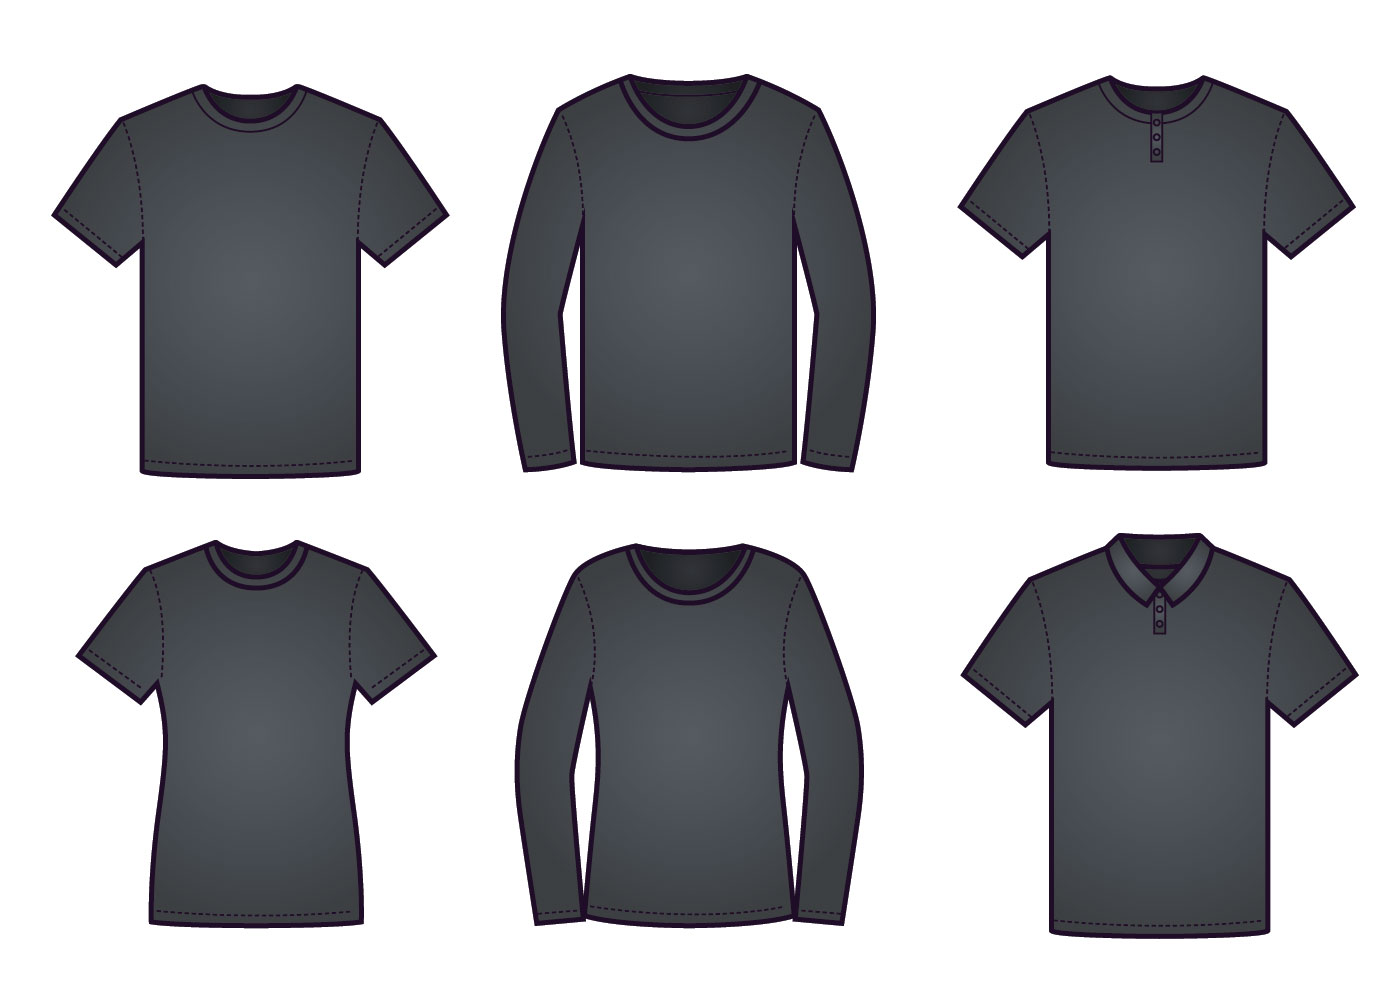 1b6c5f059c Grátis Camisa Arte Vetor - (3461 Baixe Gratuito)